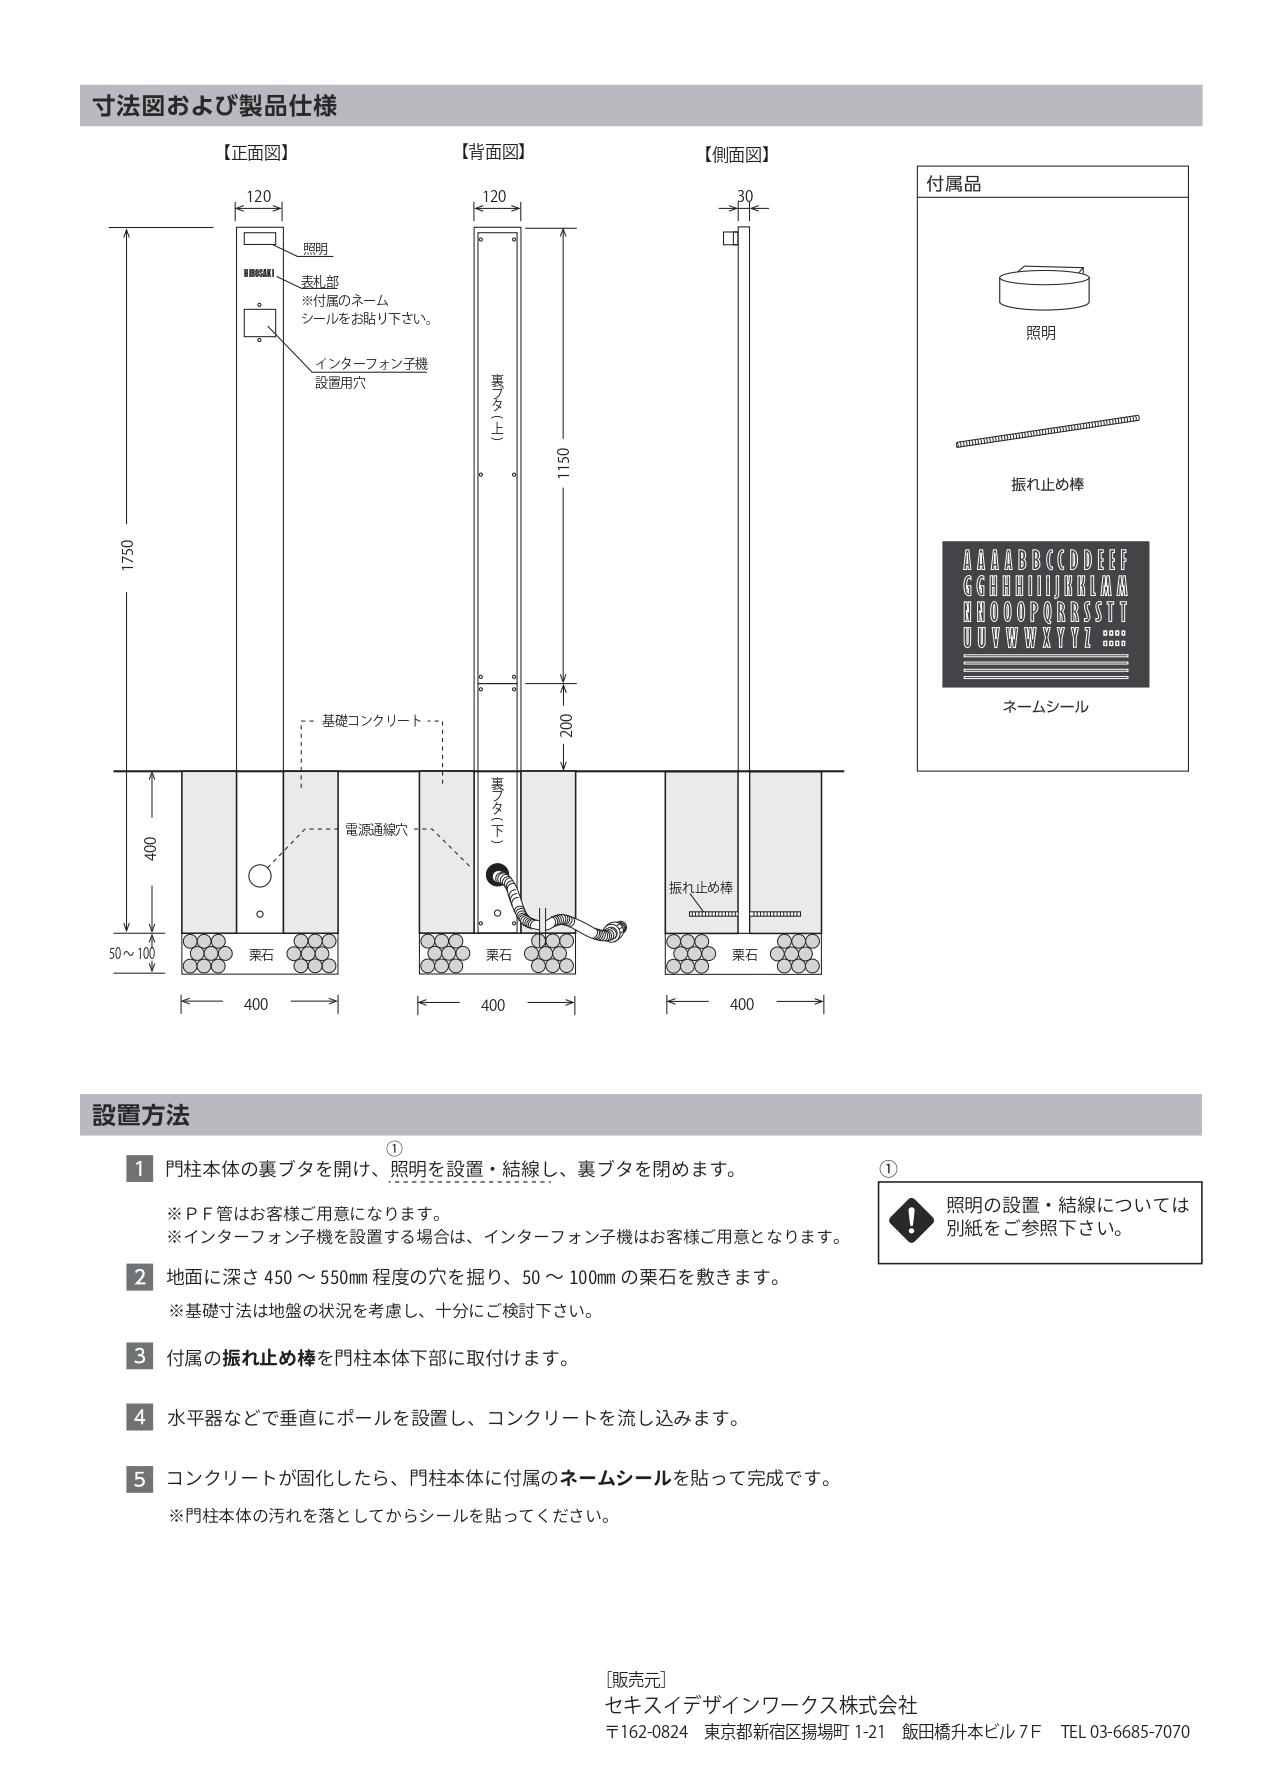 サインポール 施工説明書_page-0002